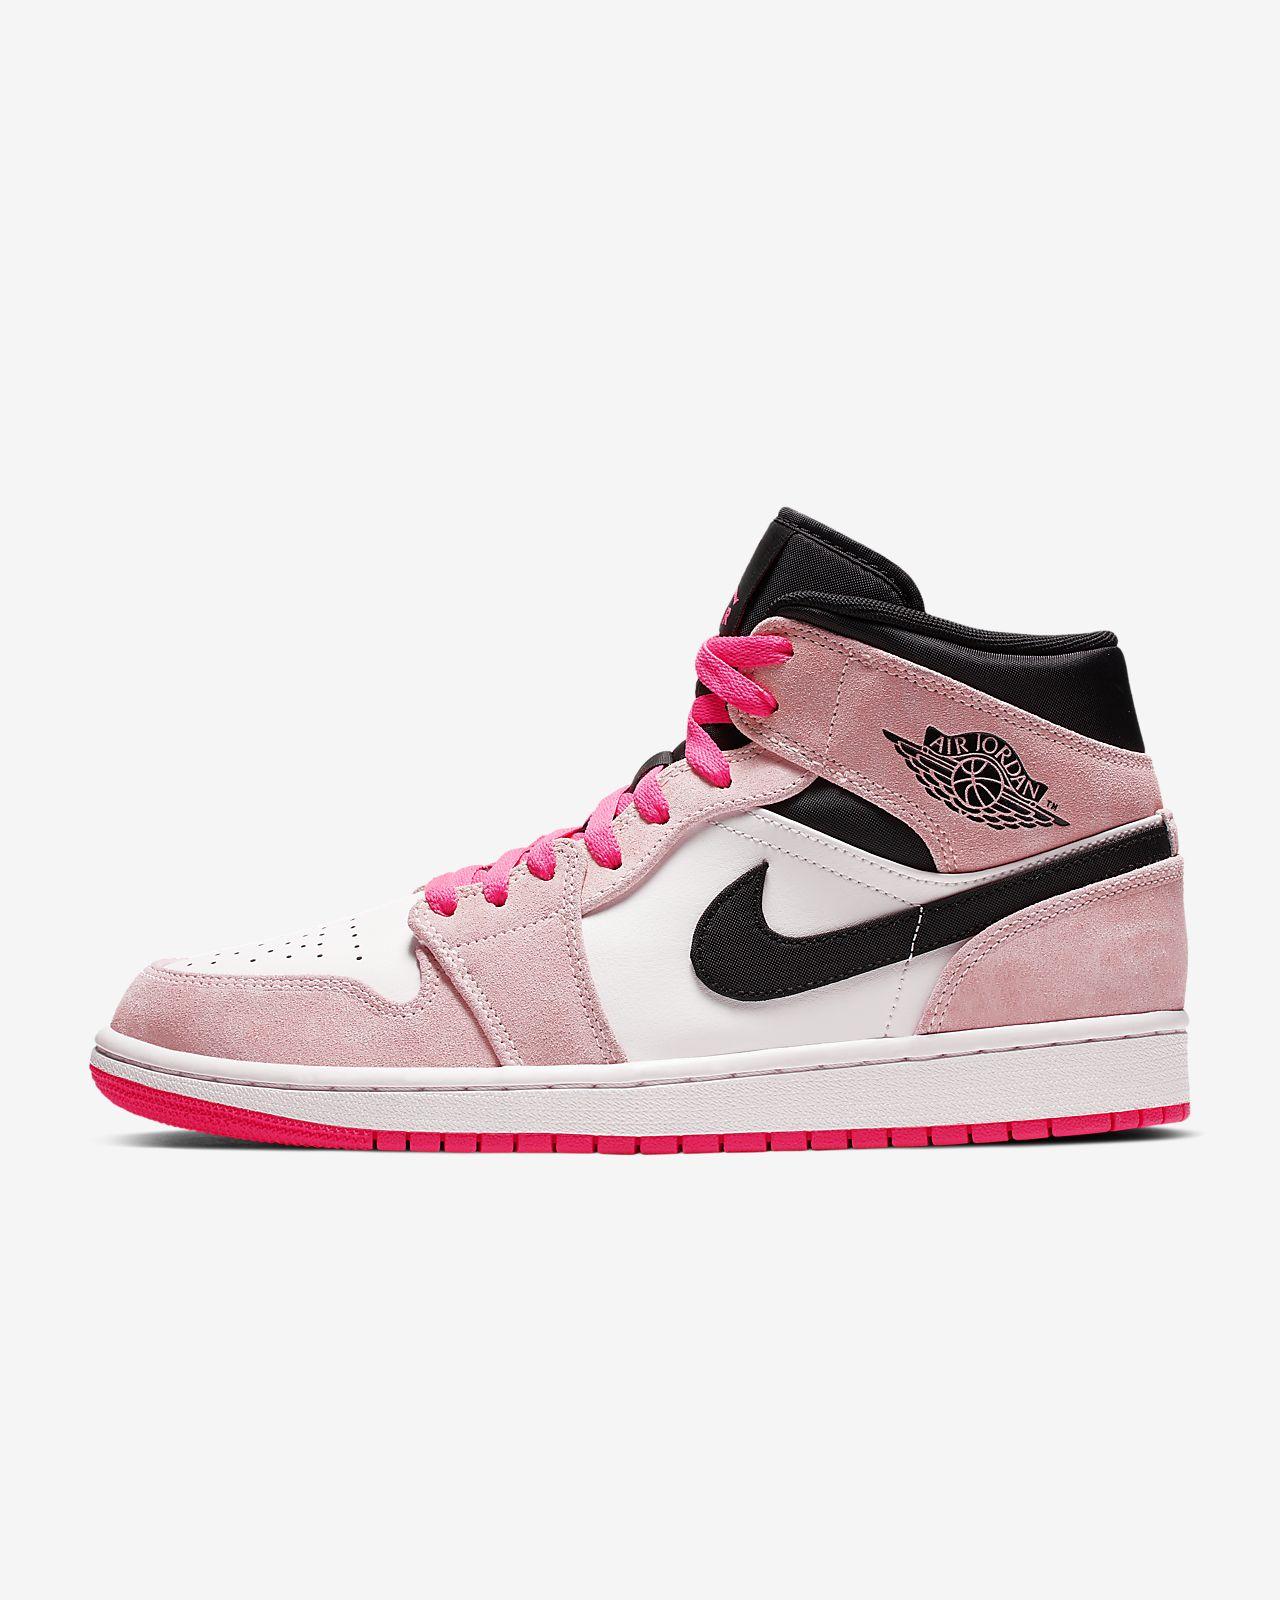 db09c7bb5f33 Air Jordan 1 Mid SE Men's Shoe. Nike.com